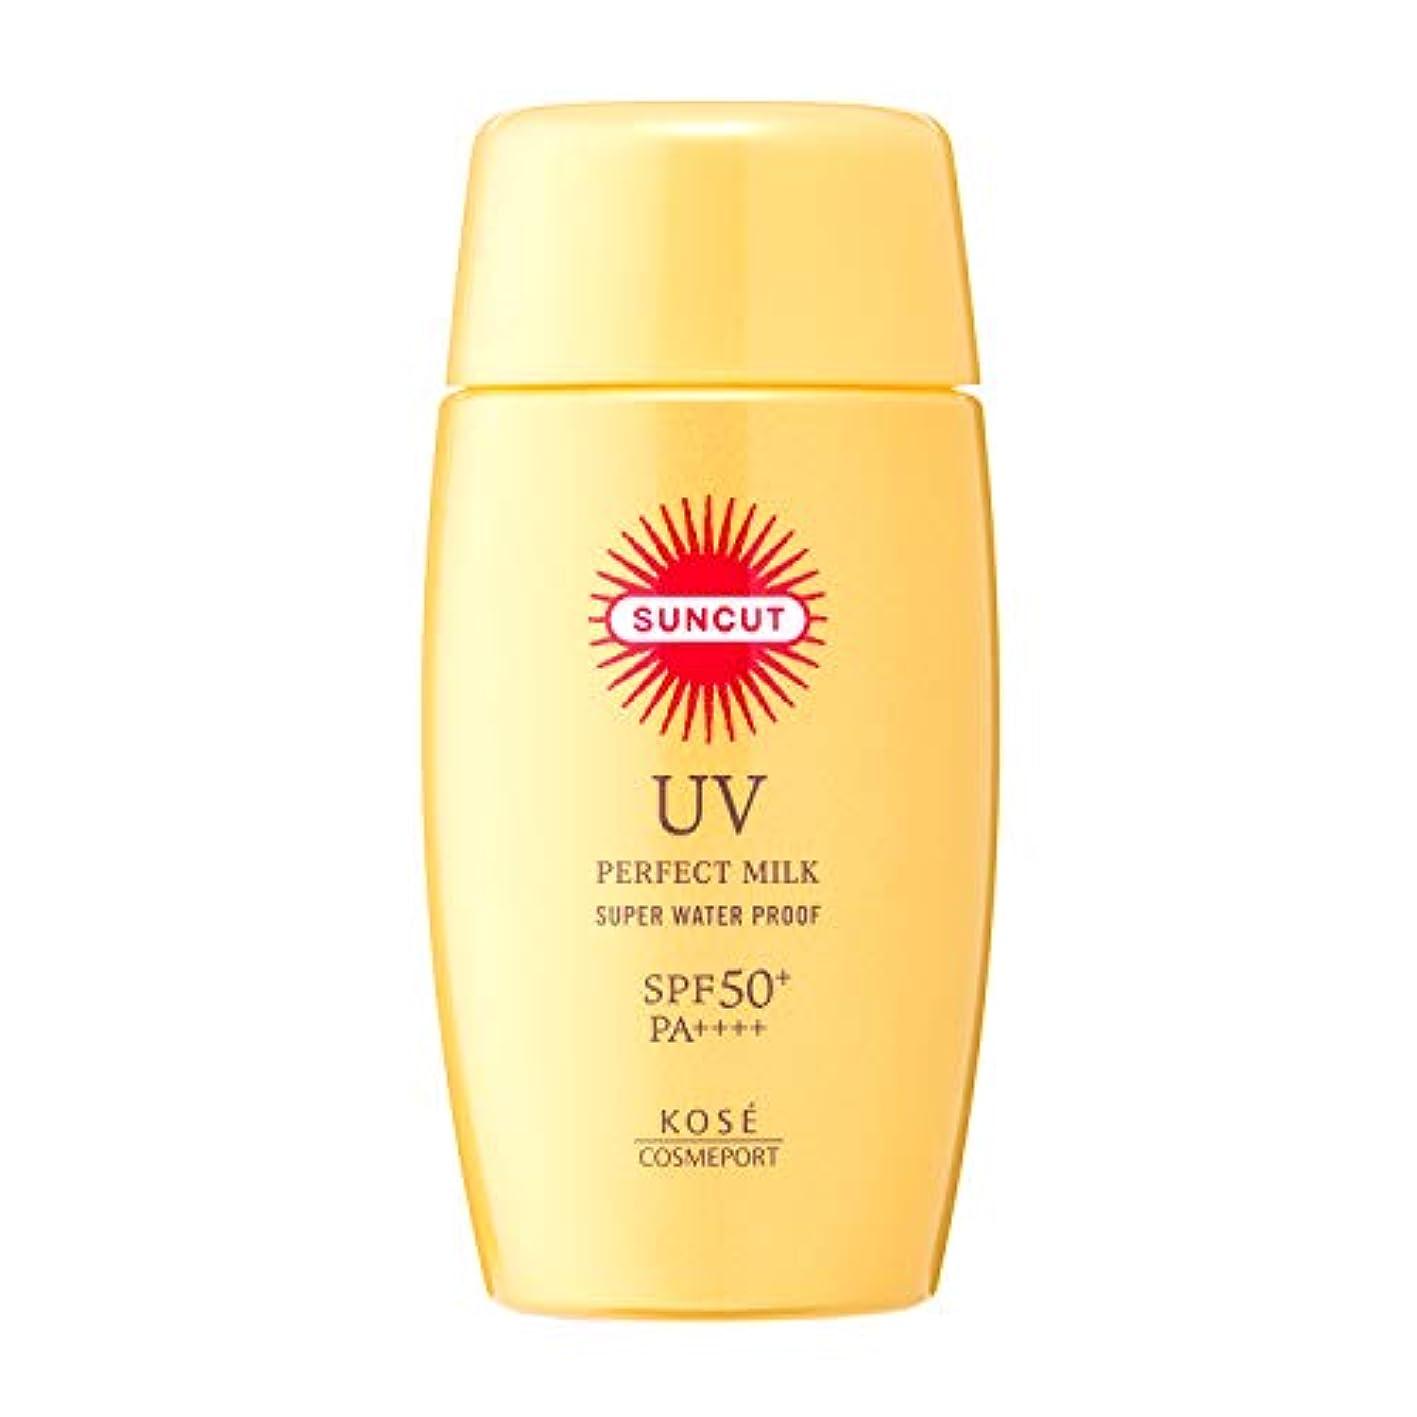 辞書酸化物普通のKOSE サンカット パーフェクト UVミルク 無香料 60mL